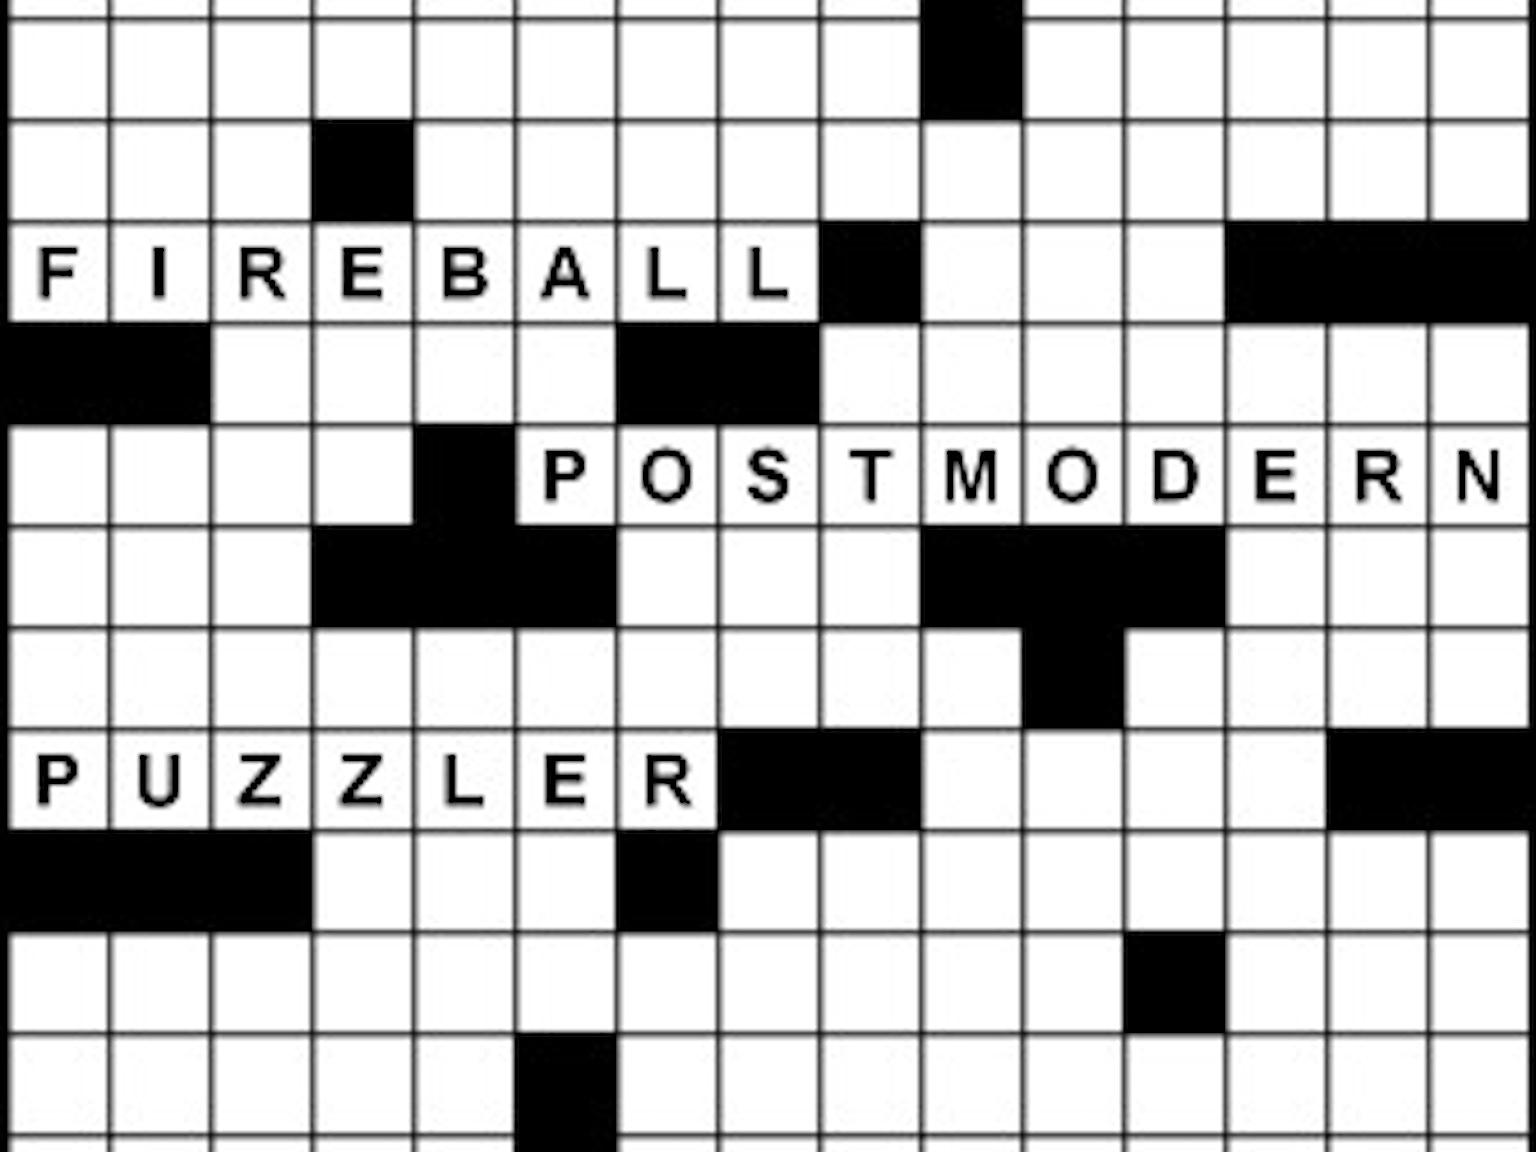 Fireball Postmodern Puzzler by Peter Gordon — Kickstarter